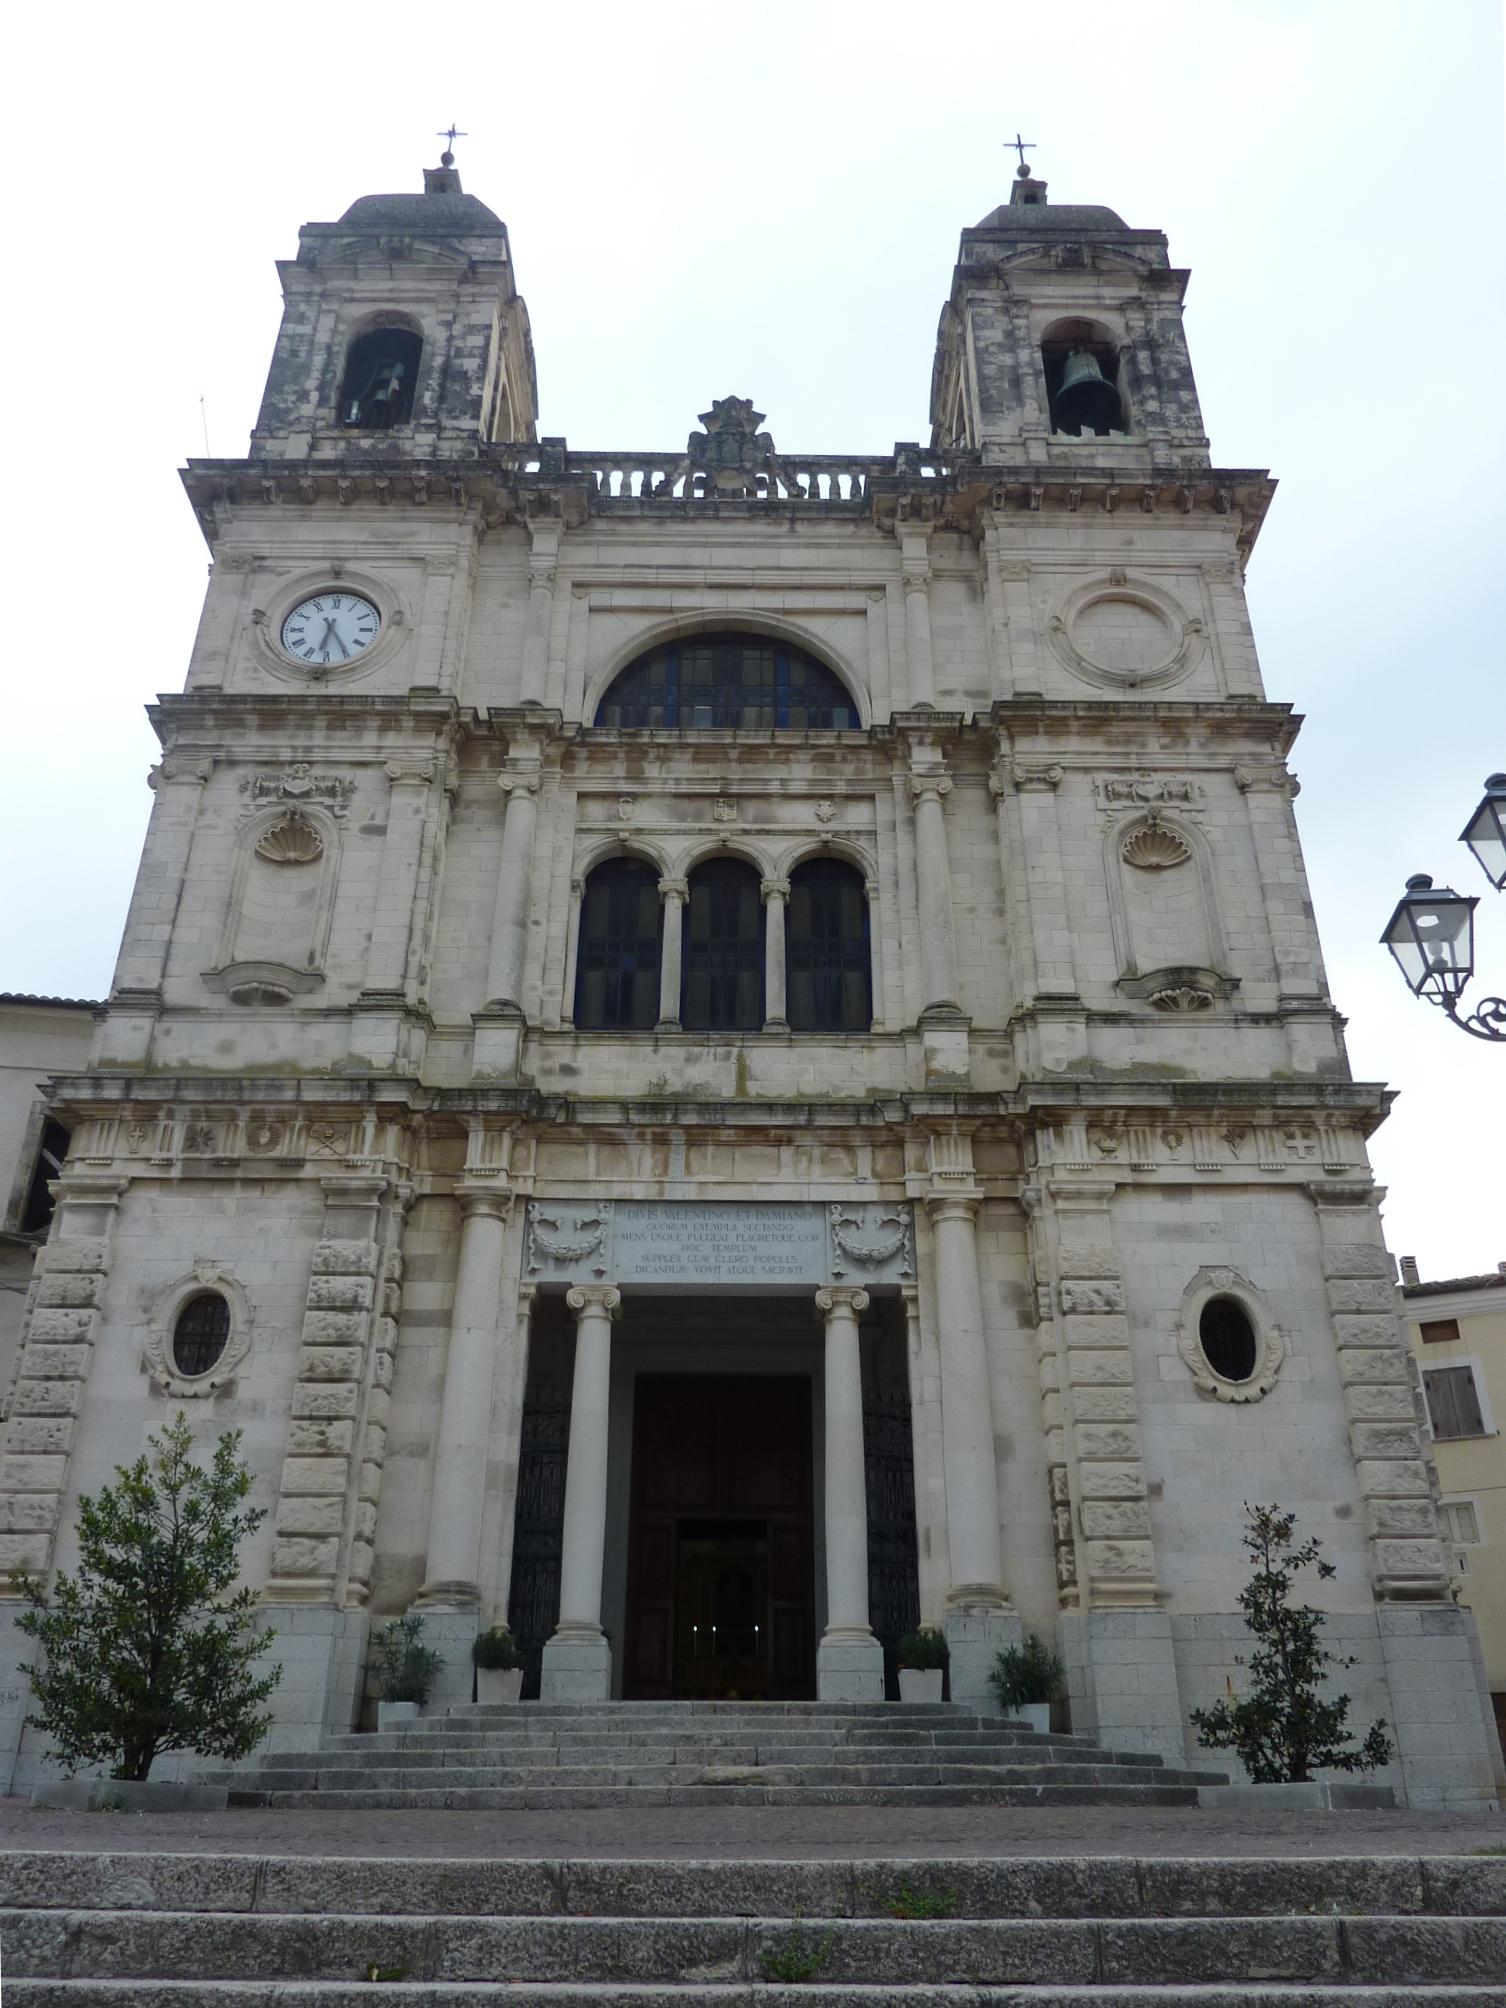 San valentino in abruzzo citeriore wikipedia for San valentino in italia